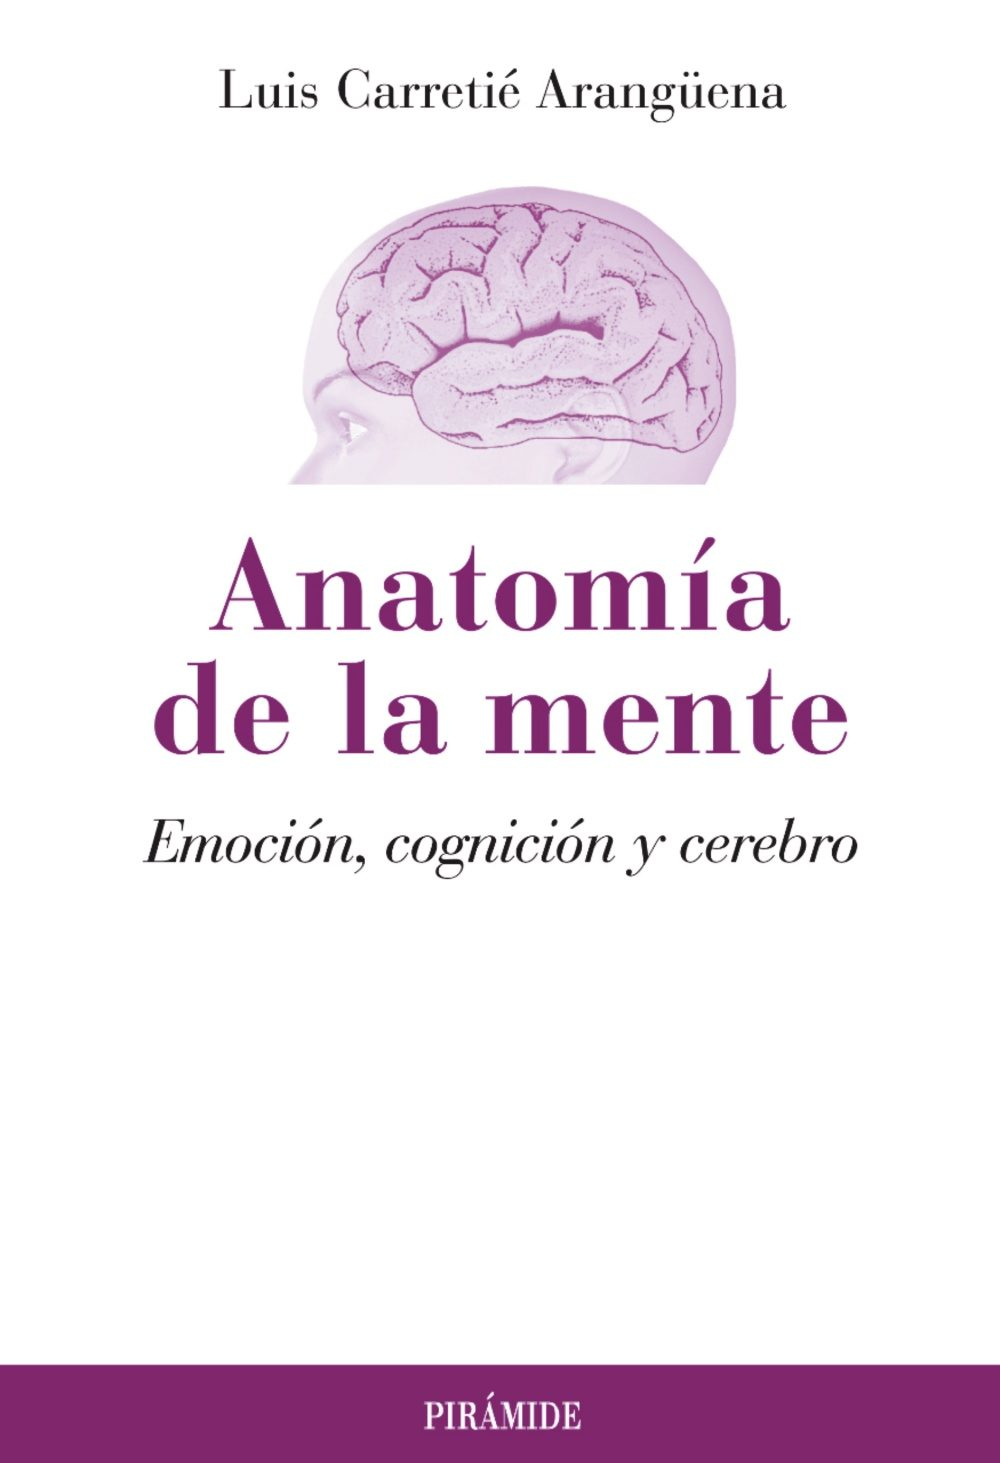 ANATOMIA DE LA MENTE: EMOCION, COGNICION Y CEREBRO | LUIS CARRETIE ...